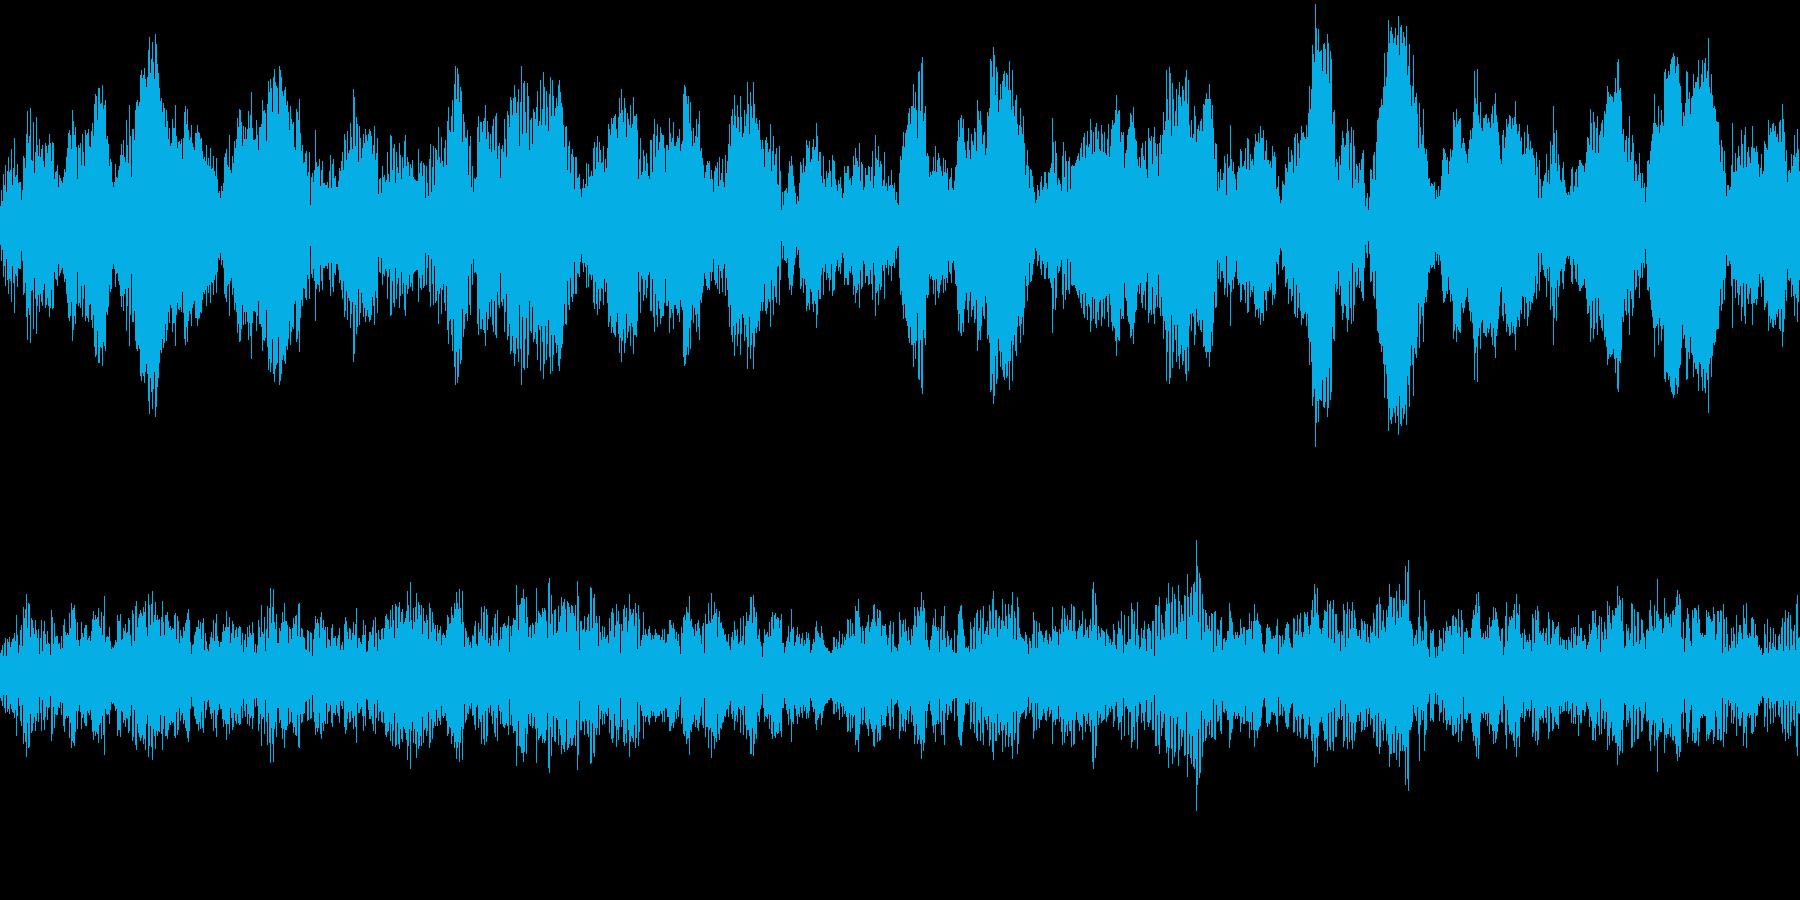 洞窟、不気味なサラウンド音(ループ仕様)の再生済みの波形